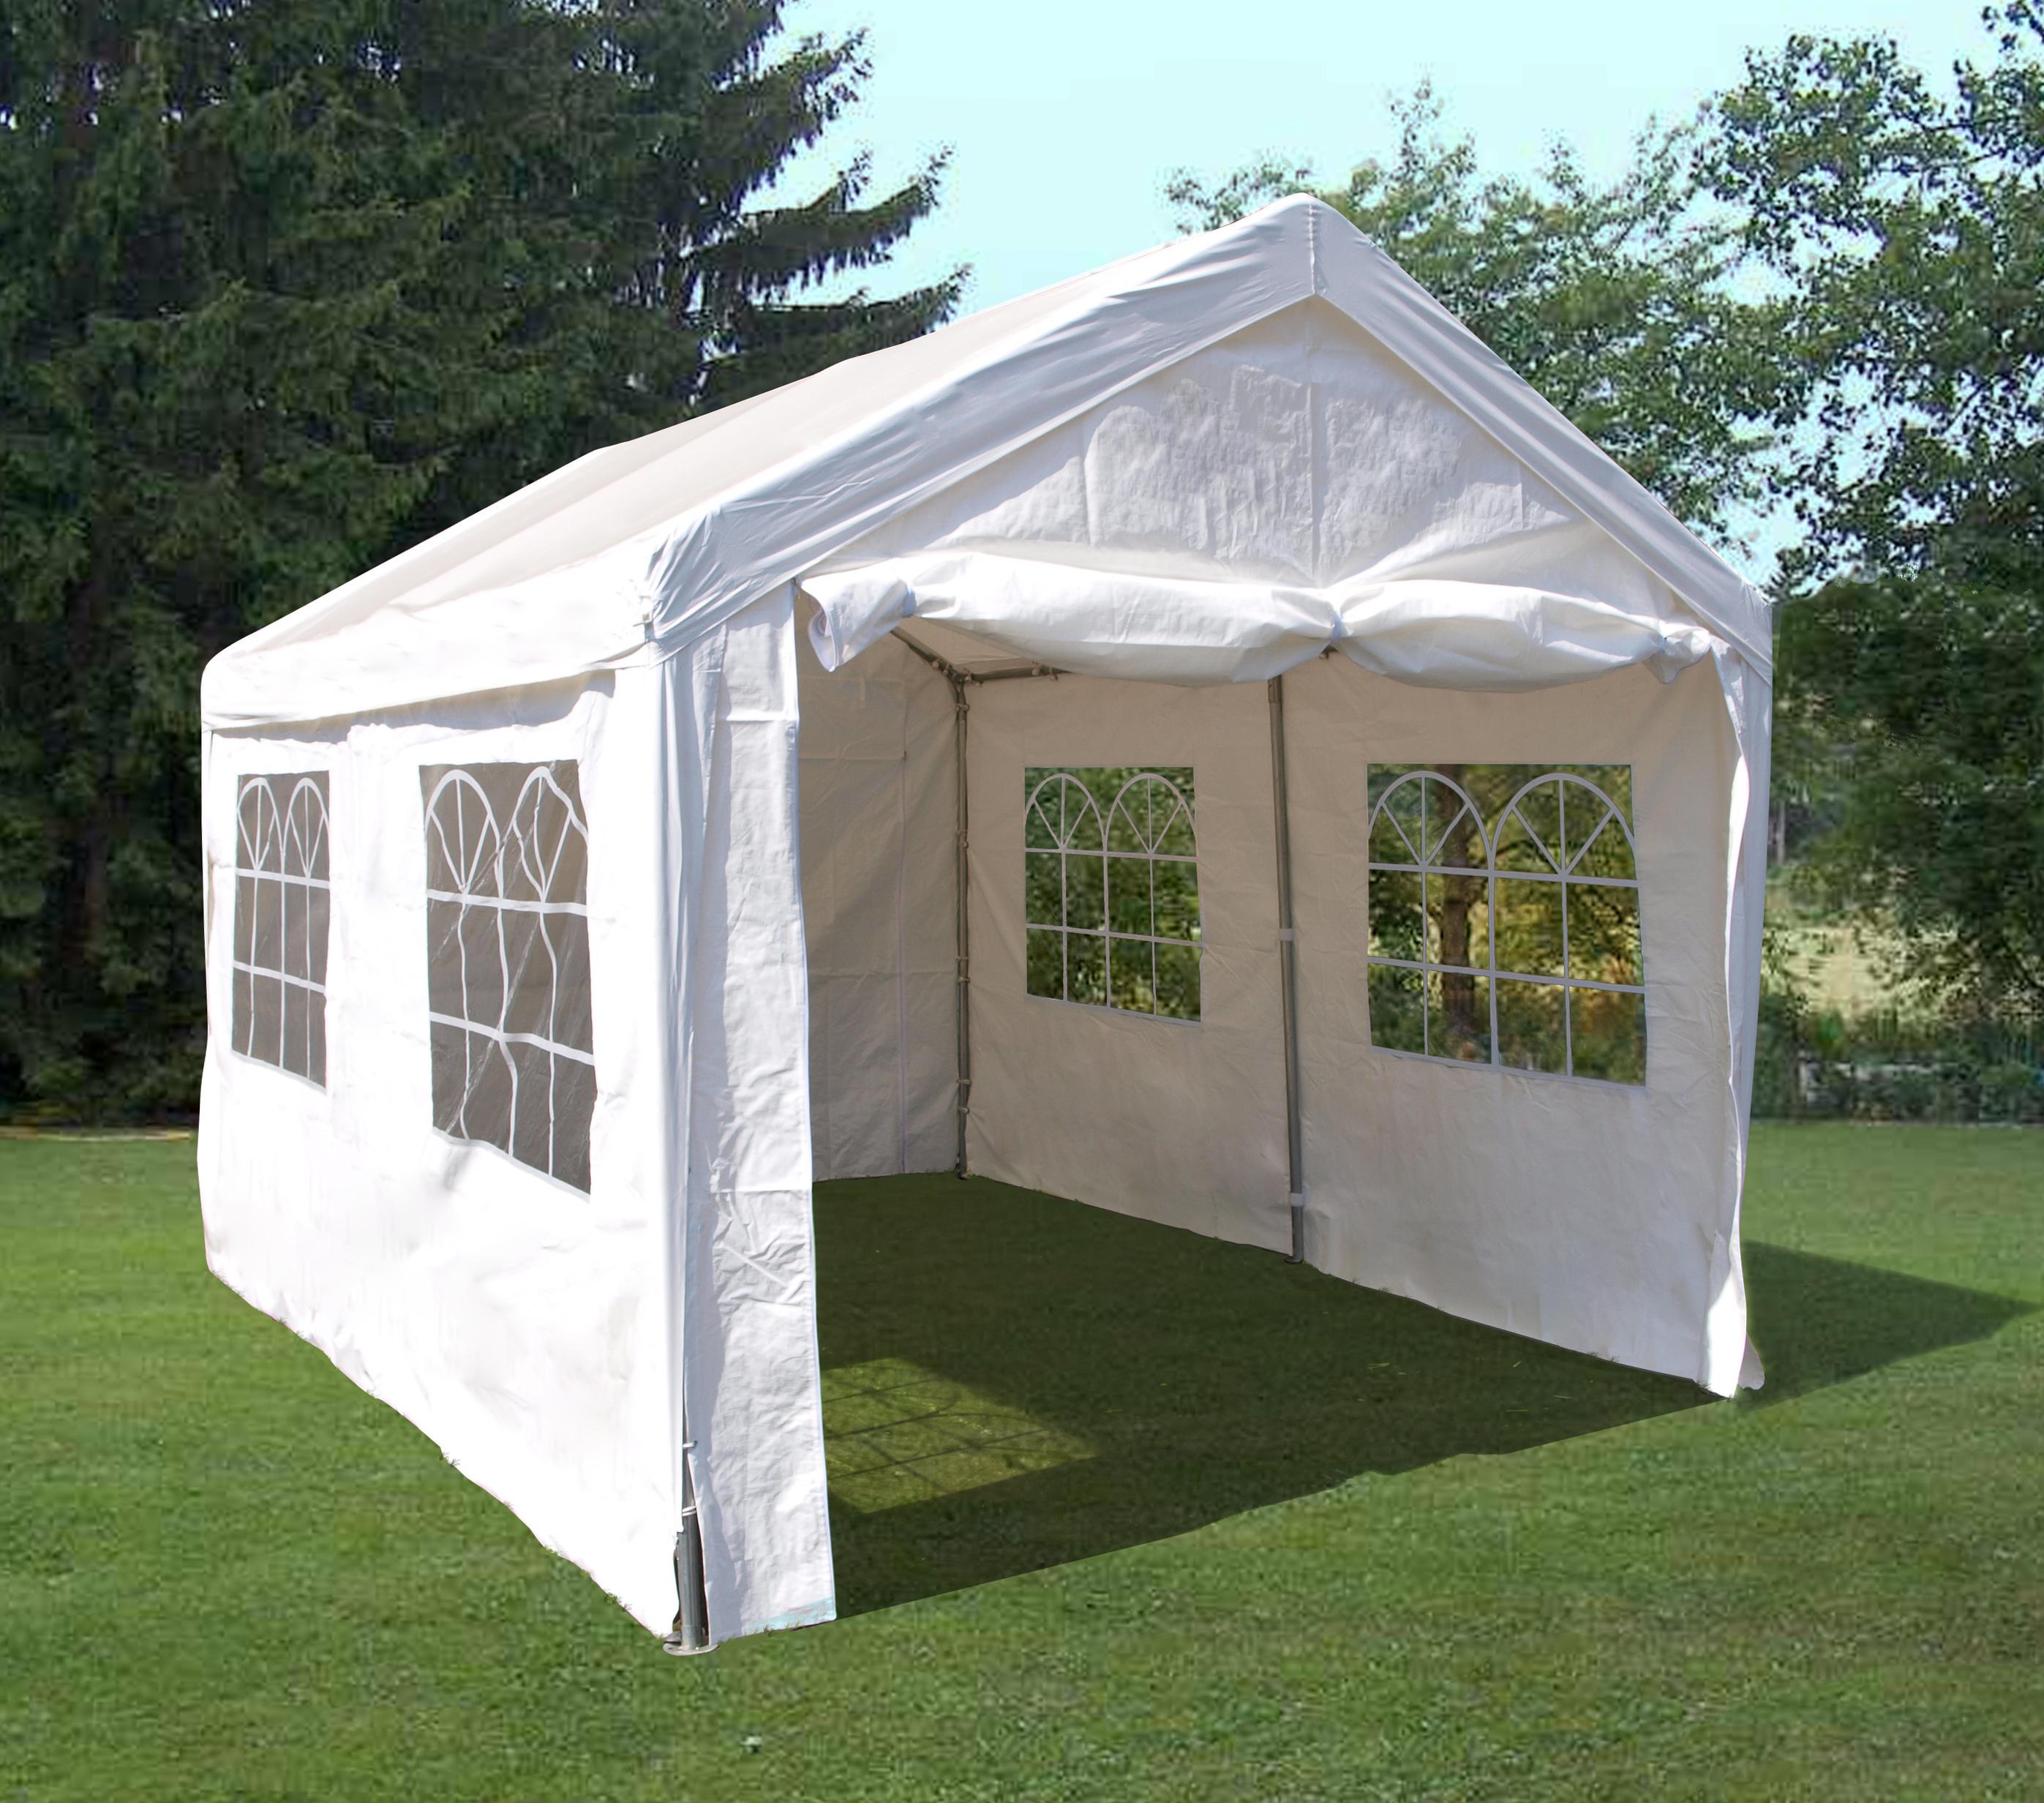 partyzelt festzelt party zelt pavillon 3x4 meter pe weiss fenster 38mm gest nge ebay. Black Bedroom Furniture Sets. Home Design Ideas